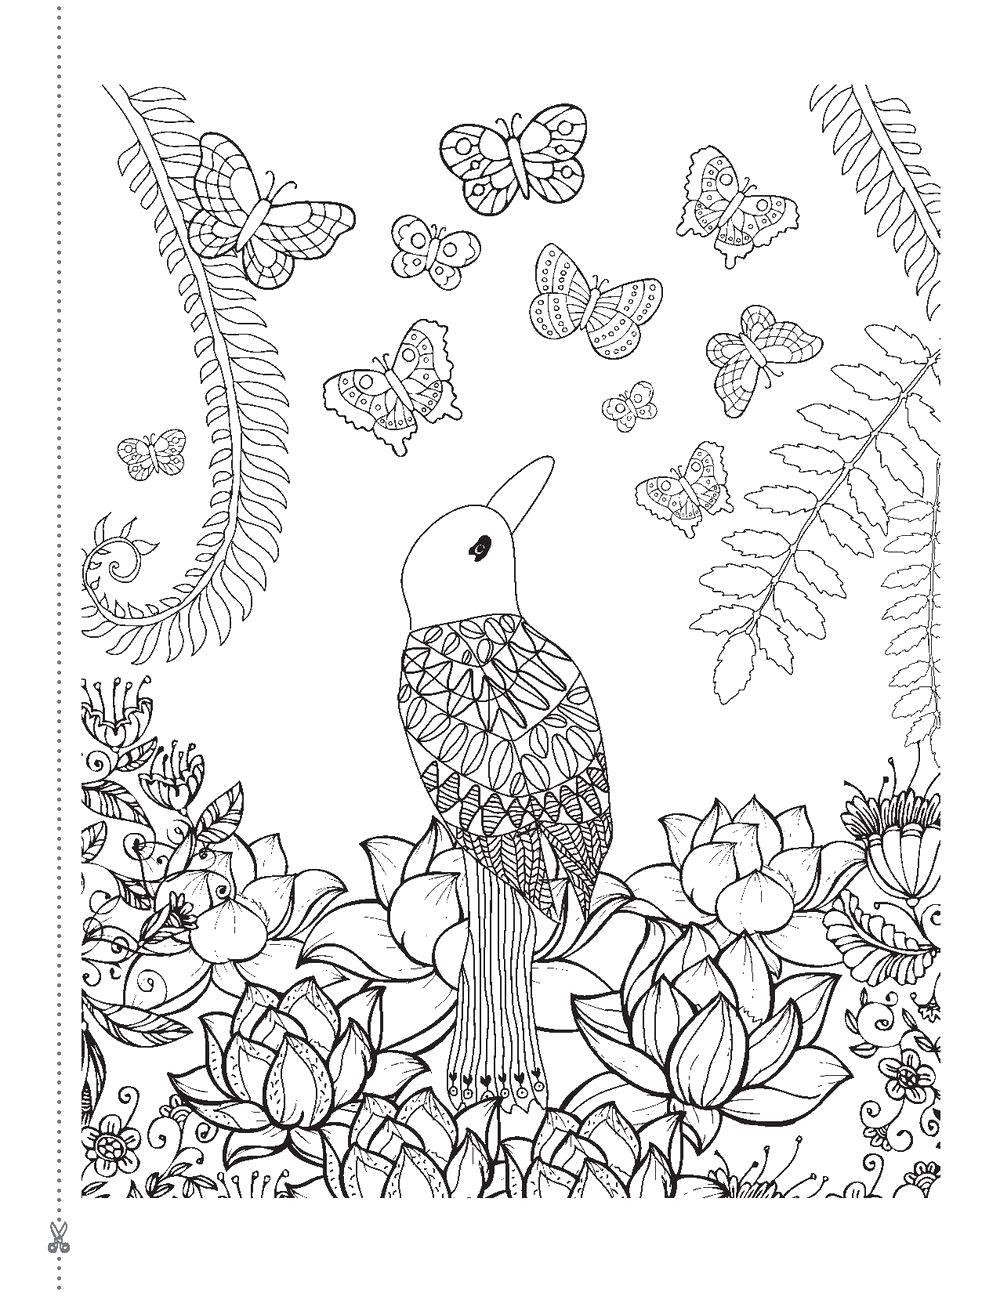 Раскраска Птица в саду. Скачать птицы, узоры.  Распечатать антистресс